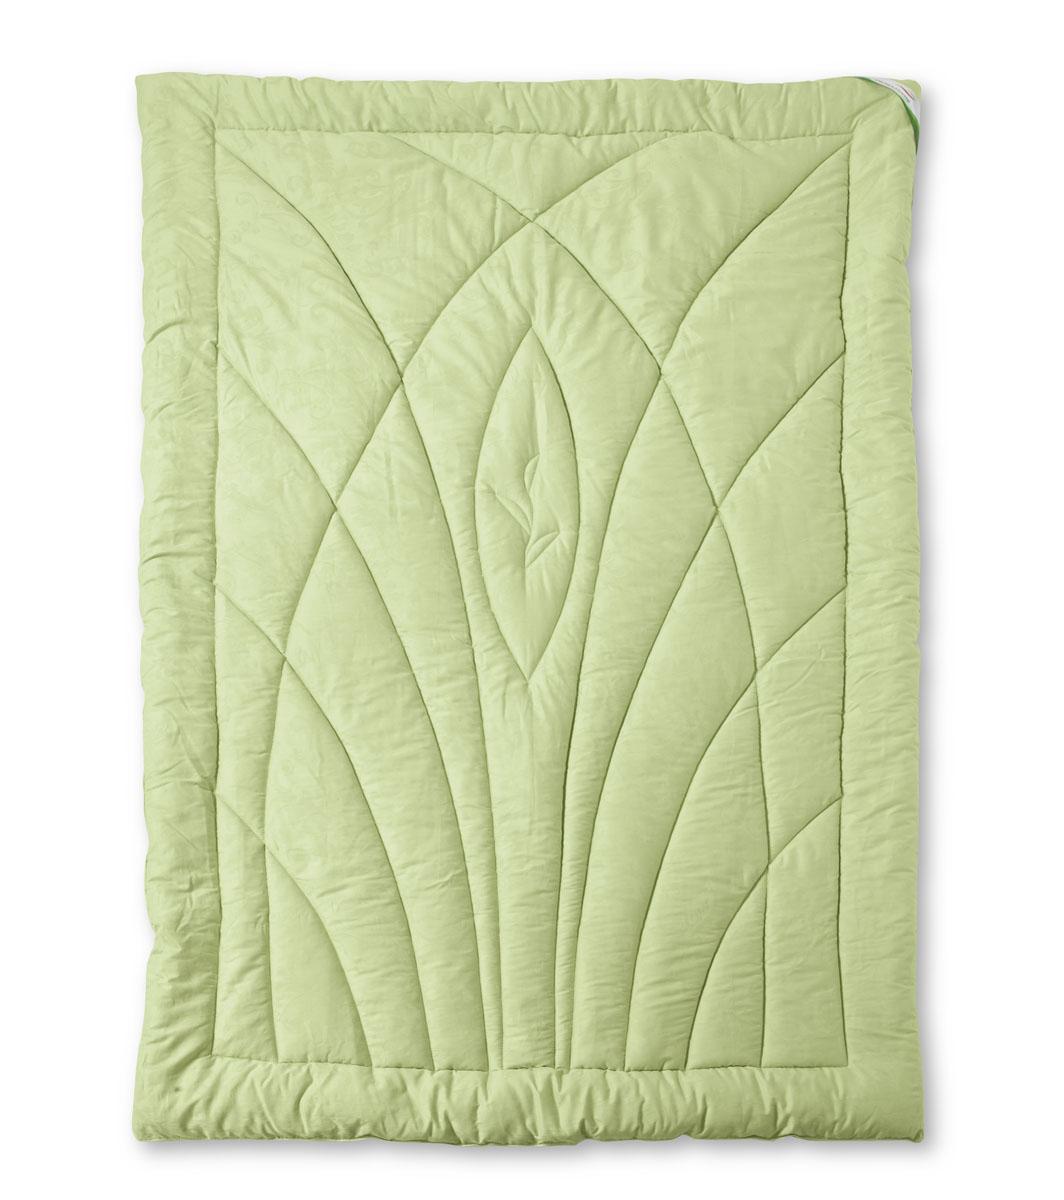 Одеяло теплое OL-Tex Эвкалипт, наполнитель: эвкалиптовое волокно, цвет: салатовый, 140 х 205 смОЭС-15-4Чехол теплого одеяла OL-Tex Эвкалипт выполнен из мягкого приятного на ощупь сатина салатового цвета. Наполнитель - волокно на основе эвкалипта с полиэстером.Эвкалипт - это дерево, которое относится к семейству миртовых. Еще в древние времена люди ценили полезные свойства эвкалипта. Его антисептические, антибактериальные и освежающие качества полностью сохранены в волокнах, используемых в наполнителях подушек и одеял коллекции Эвкалипт. Экологически чистое, натуральное волокно формирует комфортный микроклимат спального места - подушки и одеяла этой коллекции гипоаллергенны, не впитывают запахи и отторгают пыль. Изделия с наполнителем из эвкалиптовых волокон подарят вам оздоровляющий и освежающий эффект, успокаивающий сон.Великолепное одеяло с эксклюзивным простеганным рисунком и зеленым атласным кантом. Нарядное, теплое, легкое, не теряет своих свойств после многократных стирок. Наполнитель из эвкалиптового волокна регулирует влажность и теплообмен, создавая эффект свежести.Одеяло OL-Tex Эвкалипт - достойный выбор современной хозяйки!Рекомендации по уходу:- Стирка в теплой воде (температура до 30°С).- Нельзя отбеливать. При стирке не использовать средства, содержащие отбеливатели (хлор).- Сушить вертикально без отжима. - Не гладить. Не применять обработку паром.- Нельзя выжимать и сушить в стиральной машине. Характеристики: Материал чехла: сатин (100% хлопок). Наполнитель: эвкалиптовое волокно, полиэстер. Цвет: салатовый. Плотность: 300 г/м2. Размер одеяла: 140 см х 205 см. Размеры упаковки: 55 см х 45 см х 15 см. Артикул: ОЭС-15-4.